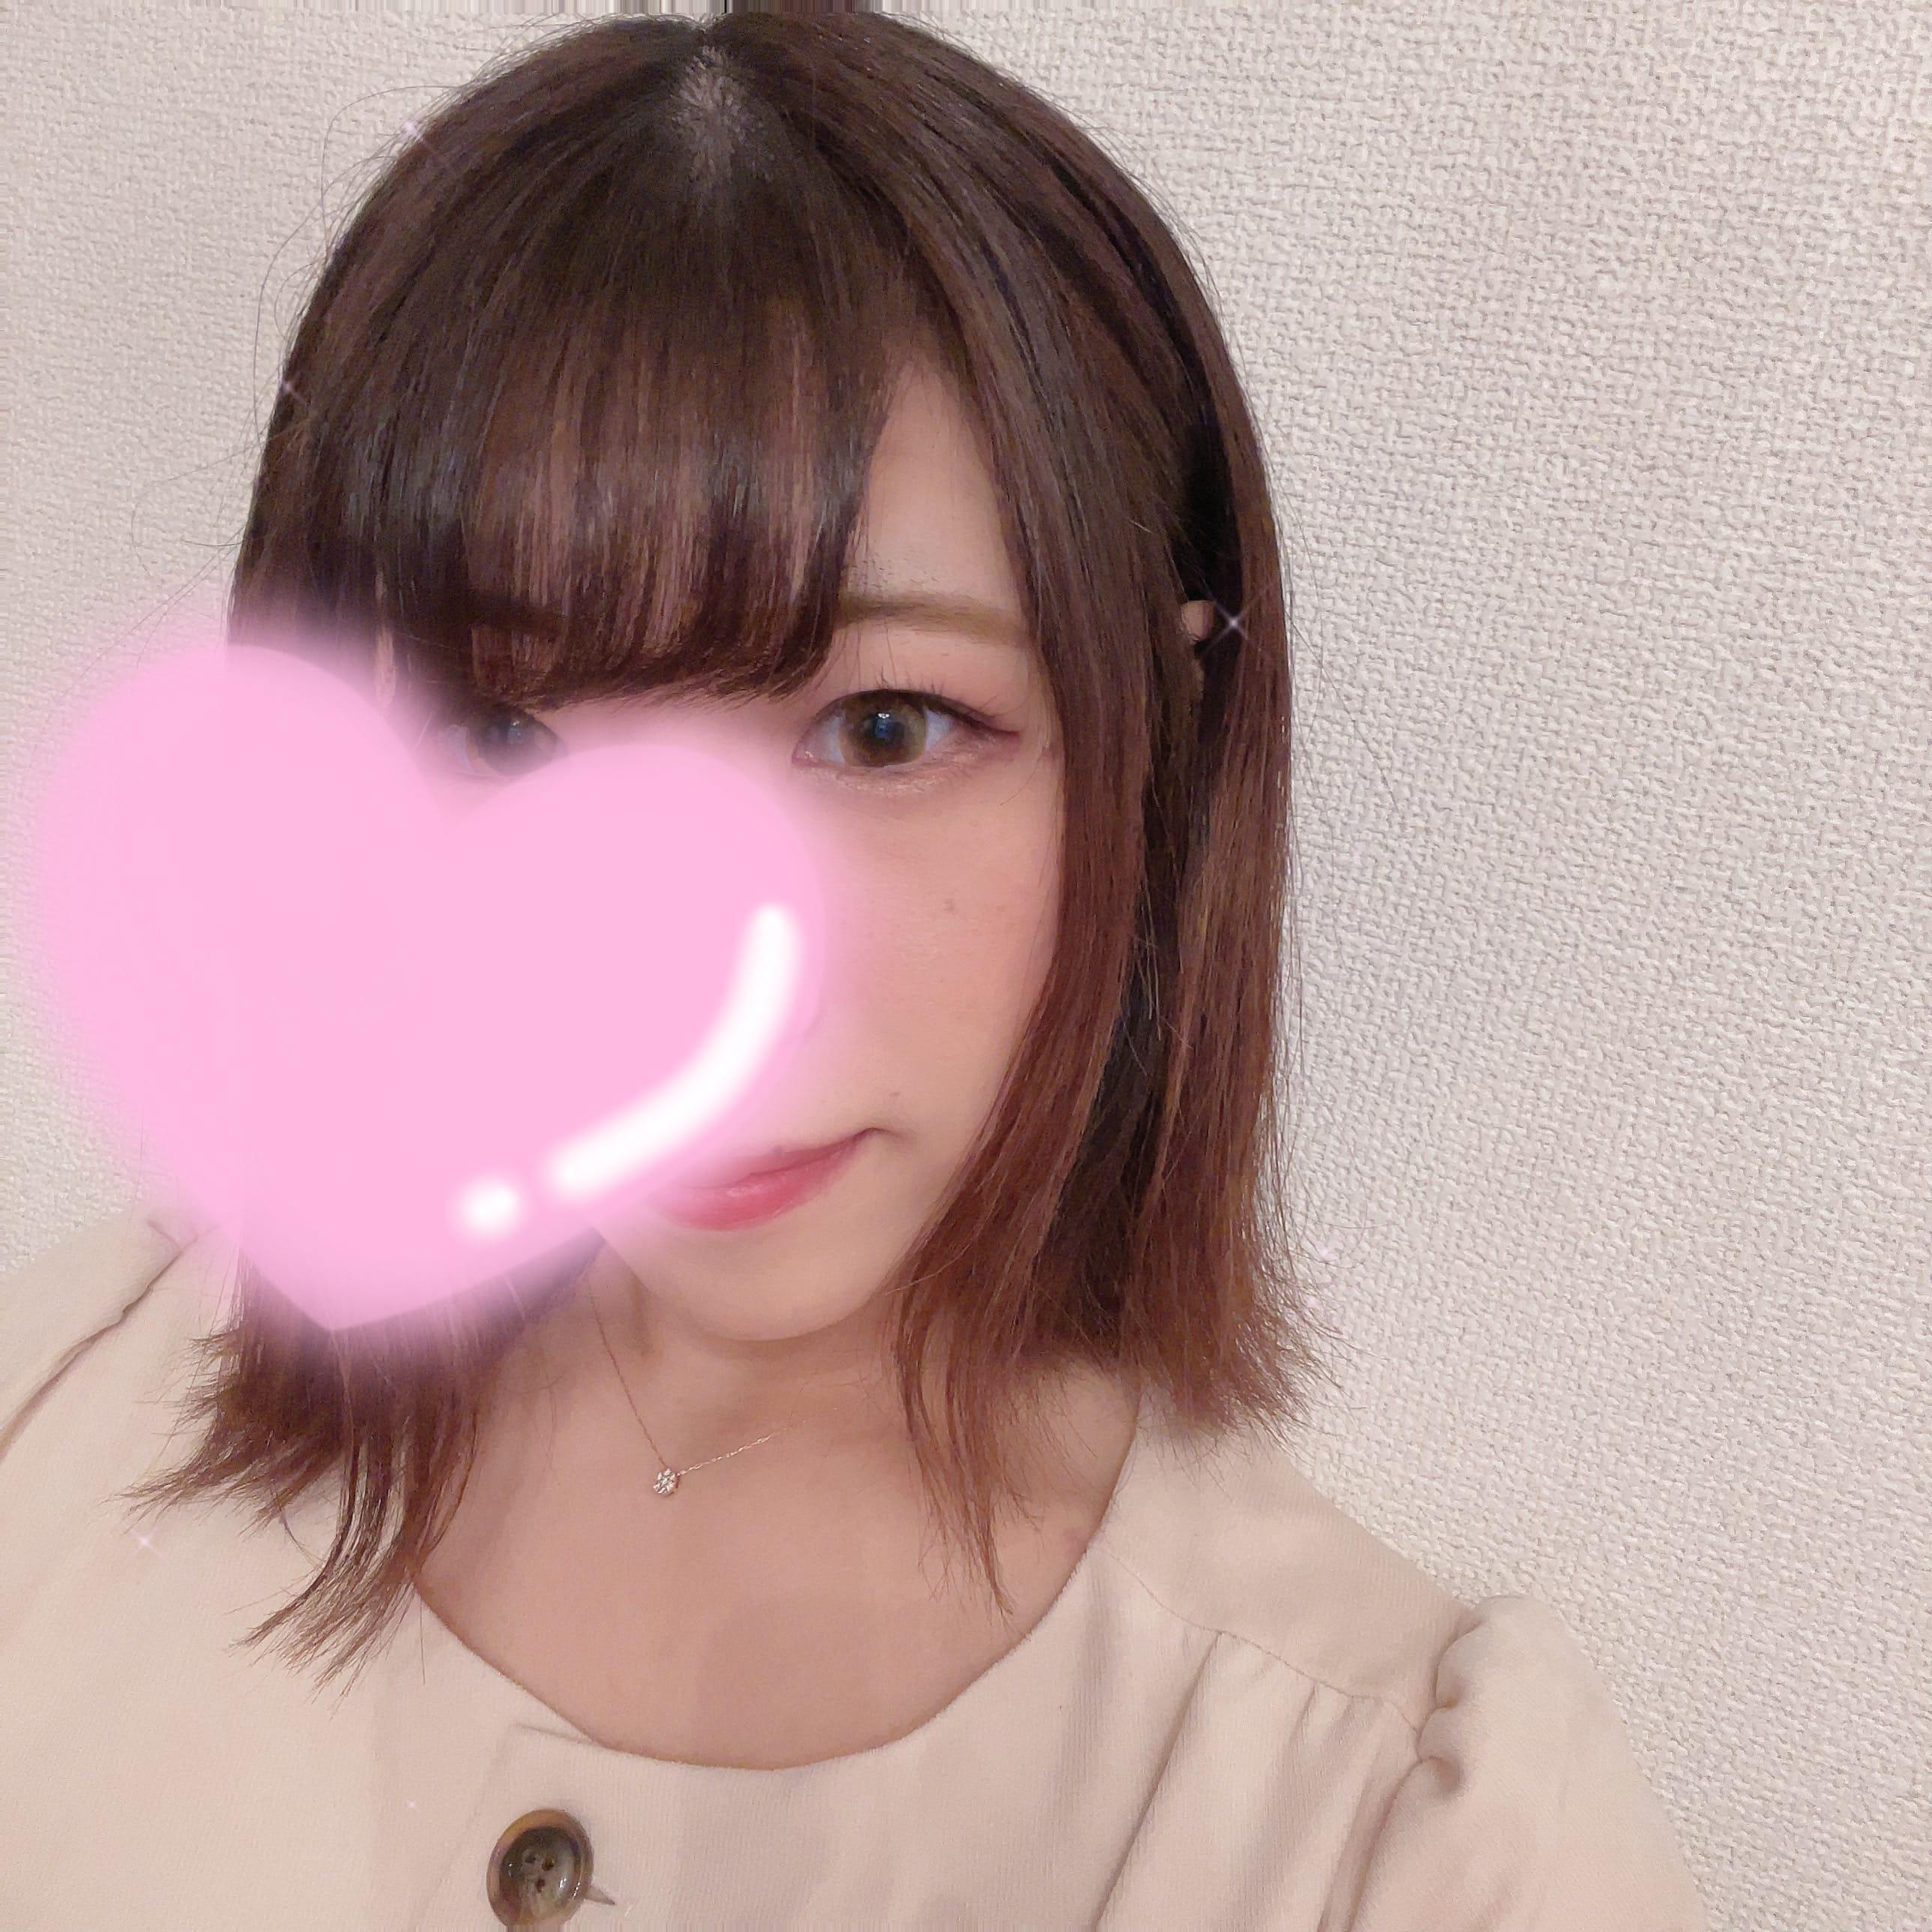 「♡」02/27(土) 05:51   めいの写メ日記